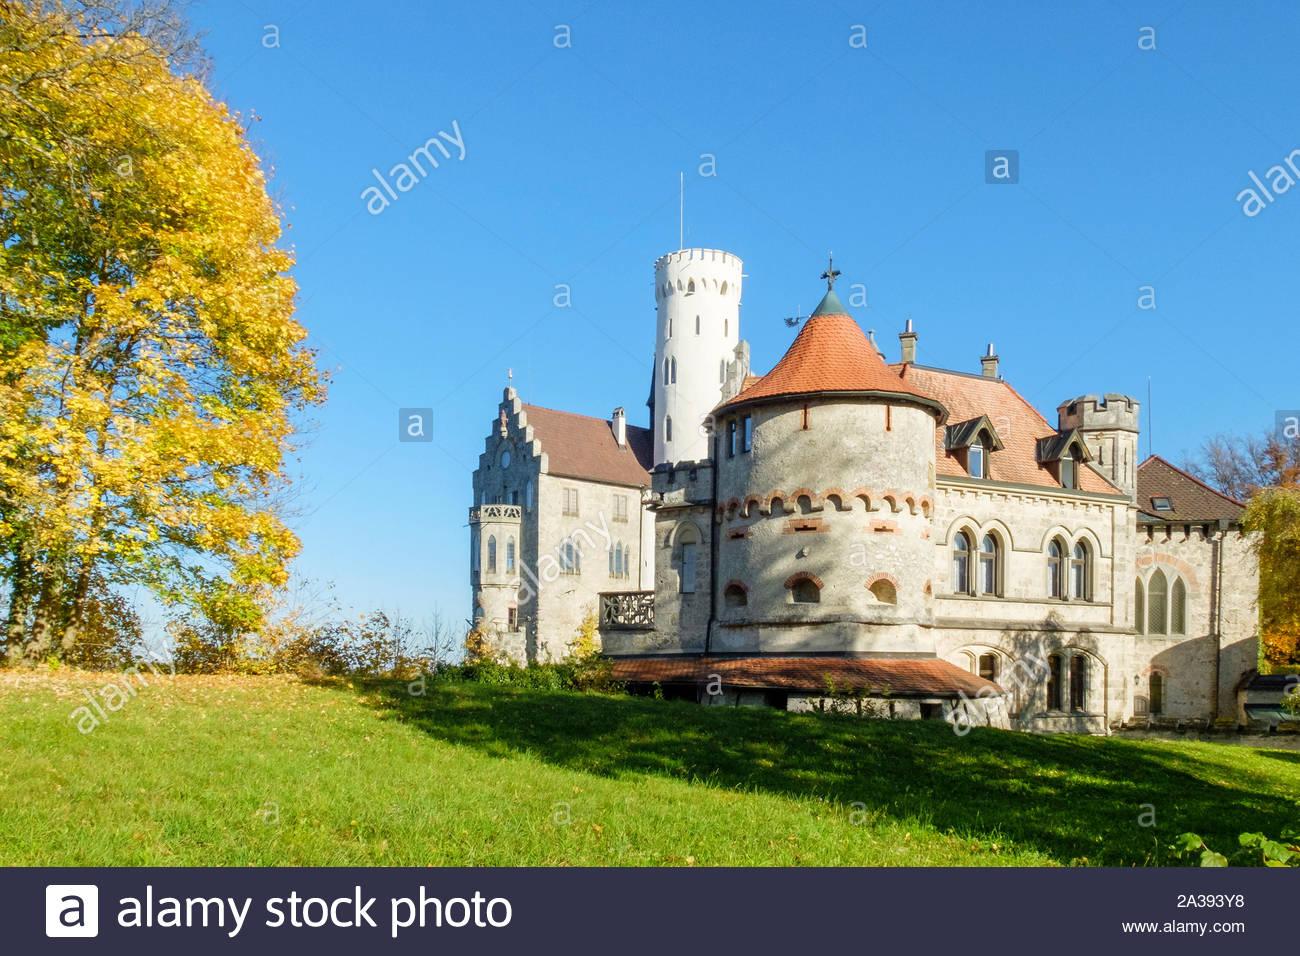 Schloss Lichtenstein Schloss im Herbst, Reutlingen, Baden-Württemberg, Deutschland Stockfoto